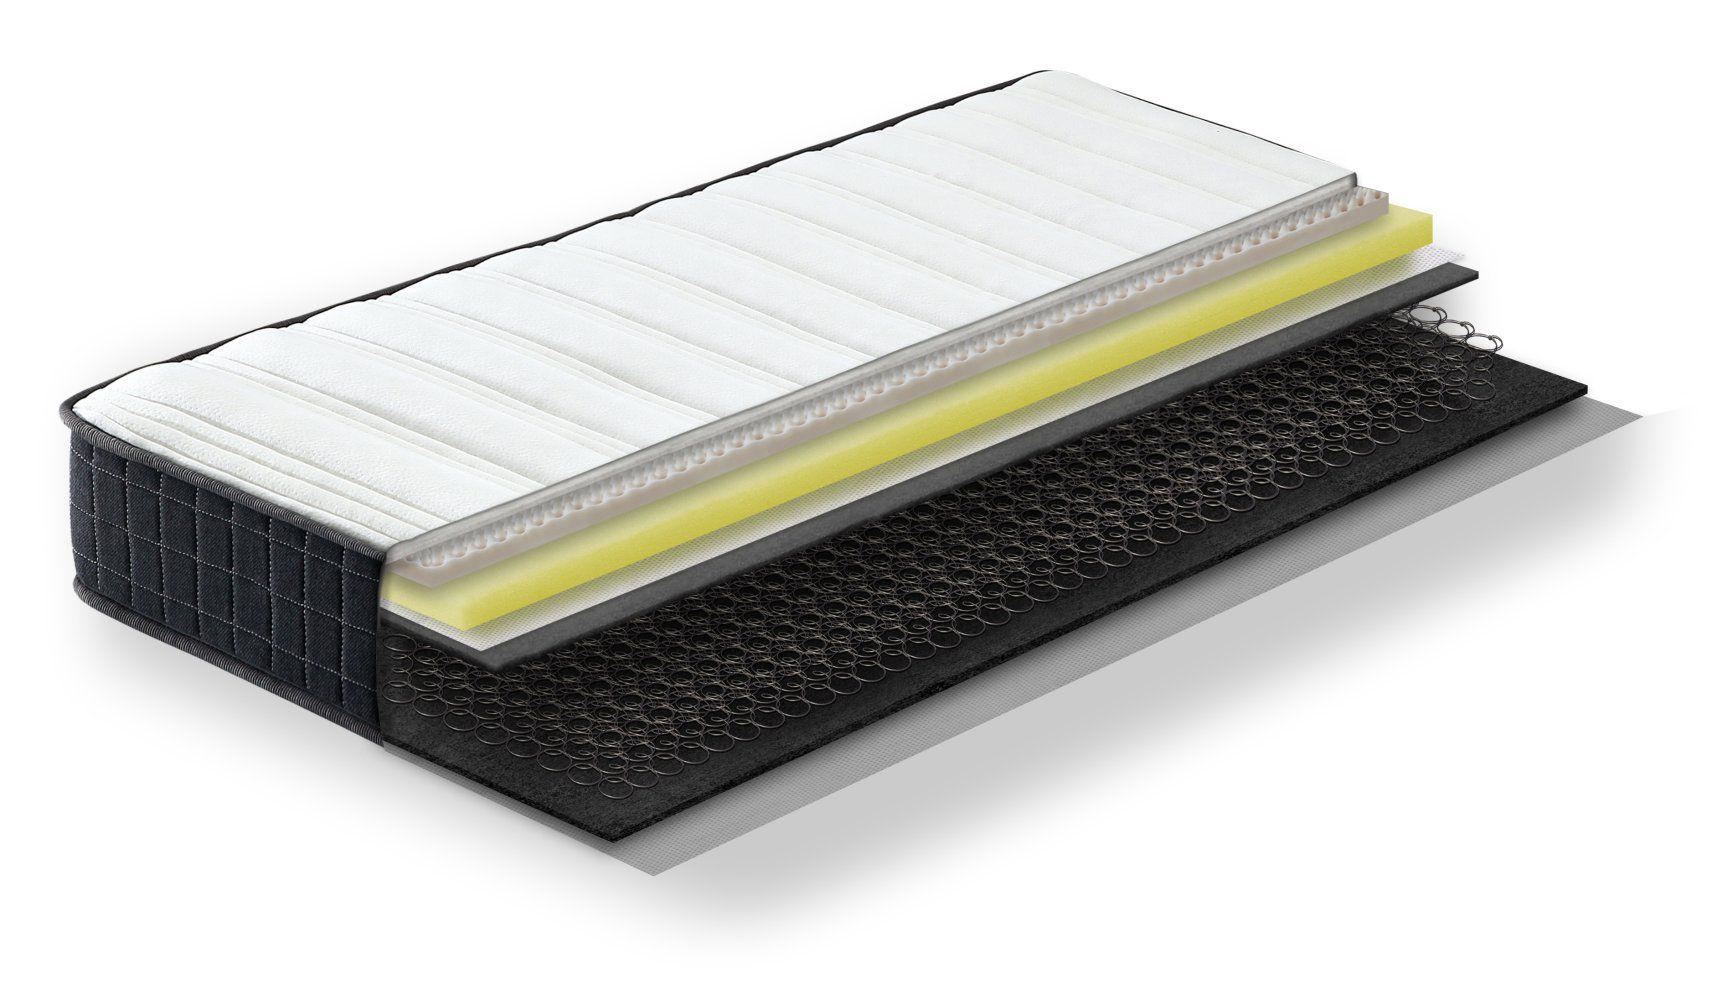 Steiner Premium matras Dream met Bonell veerkern - afmeting: 140 x 200 cm, hardheidsgraad H2-H3, hoogte: 20 cm